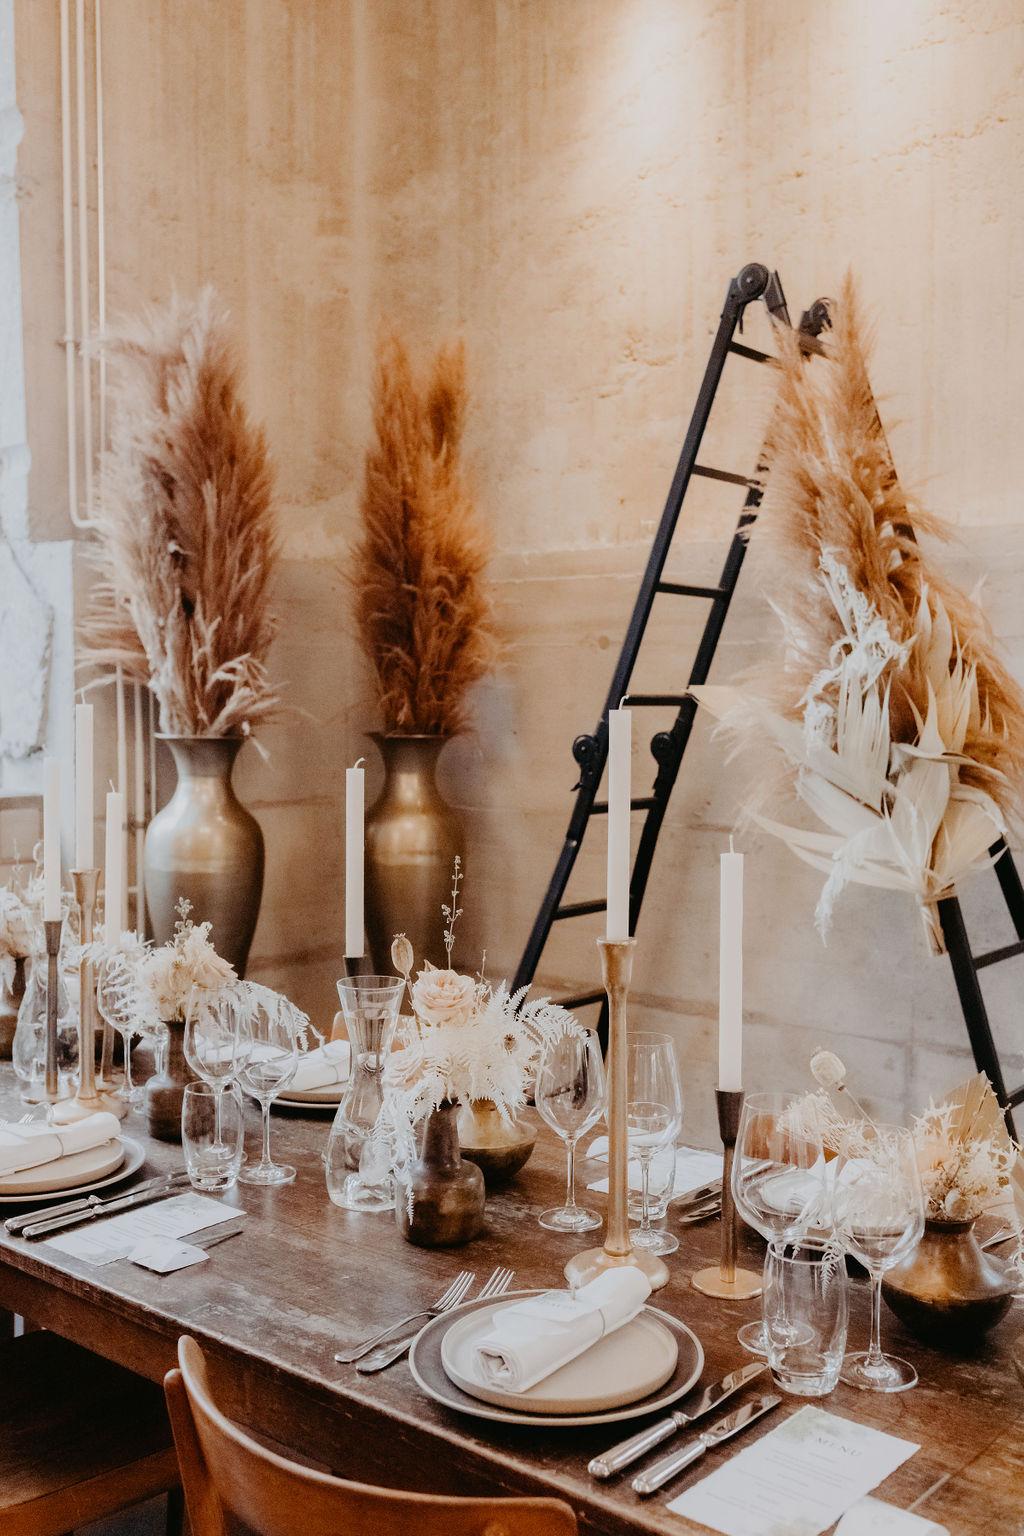 Tischdekoration und Raumdekoration